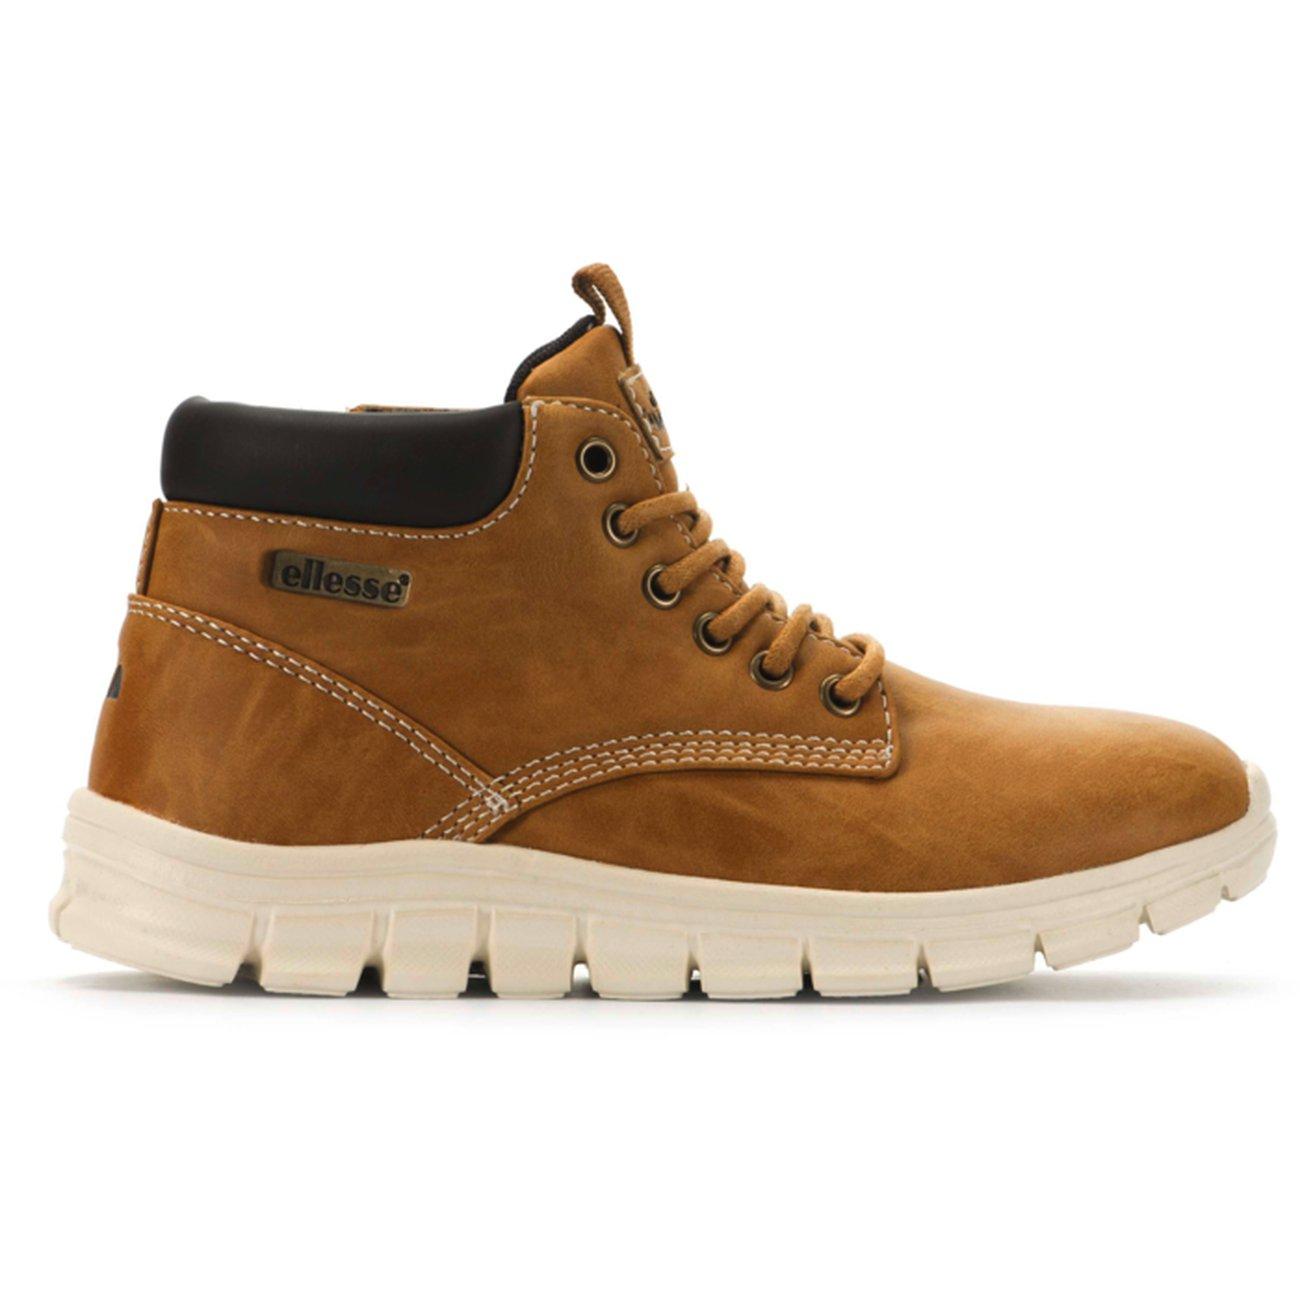 Chaussures Ellesse Urbain - Tailles 28 à 39